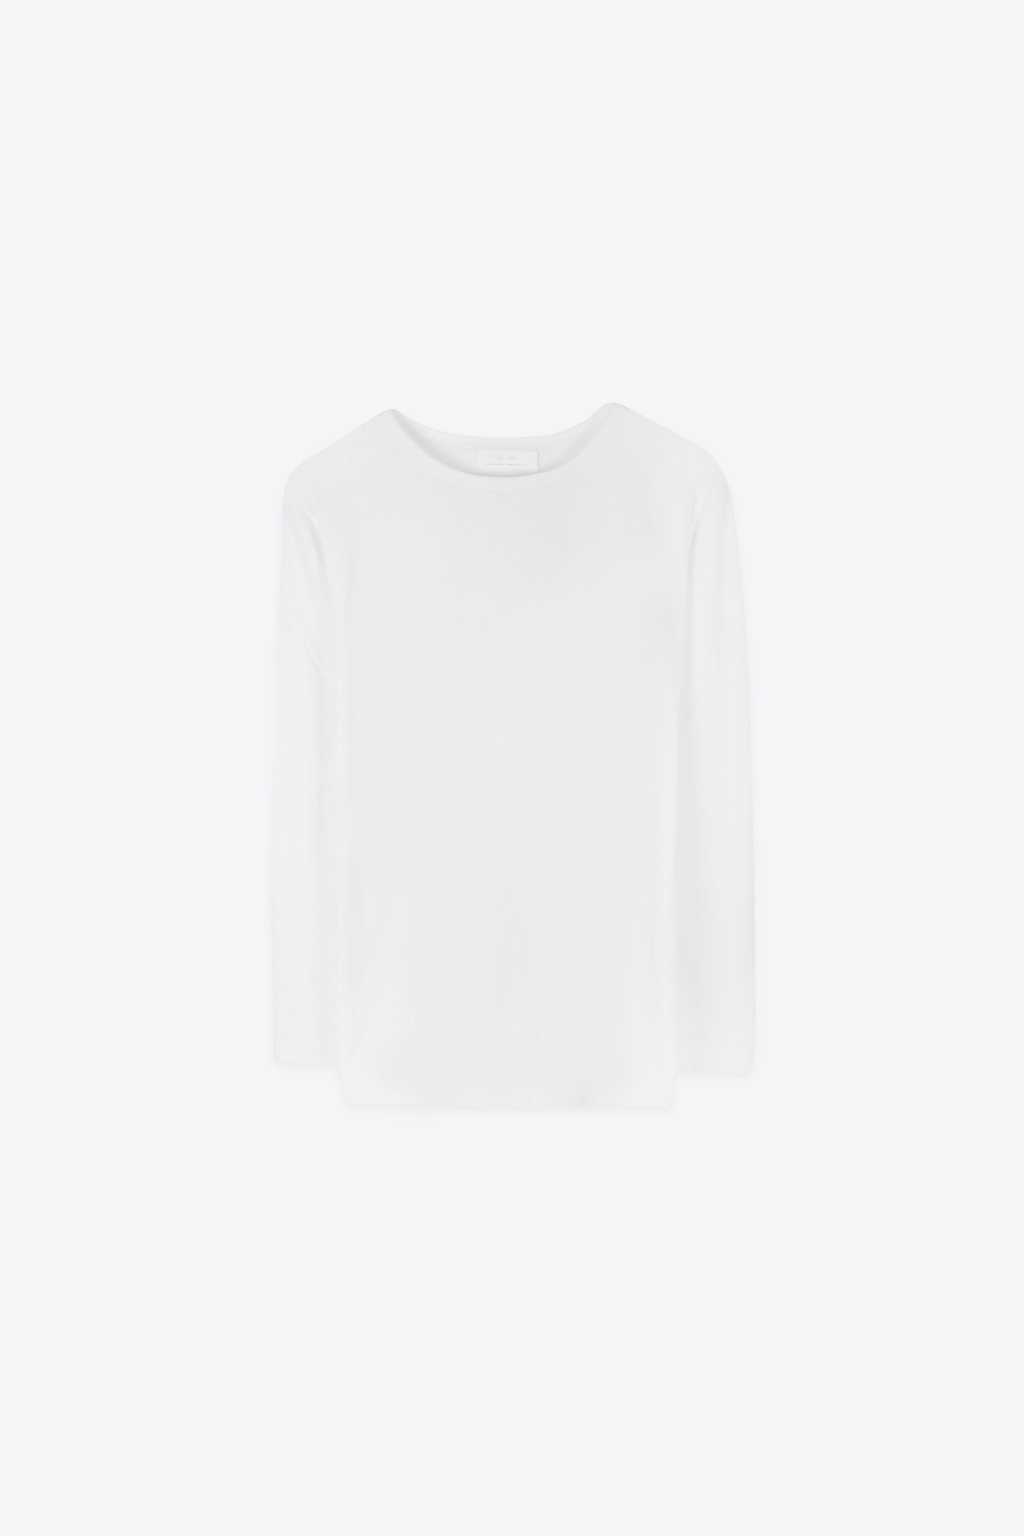 TShirt 1435 White 7